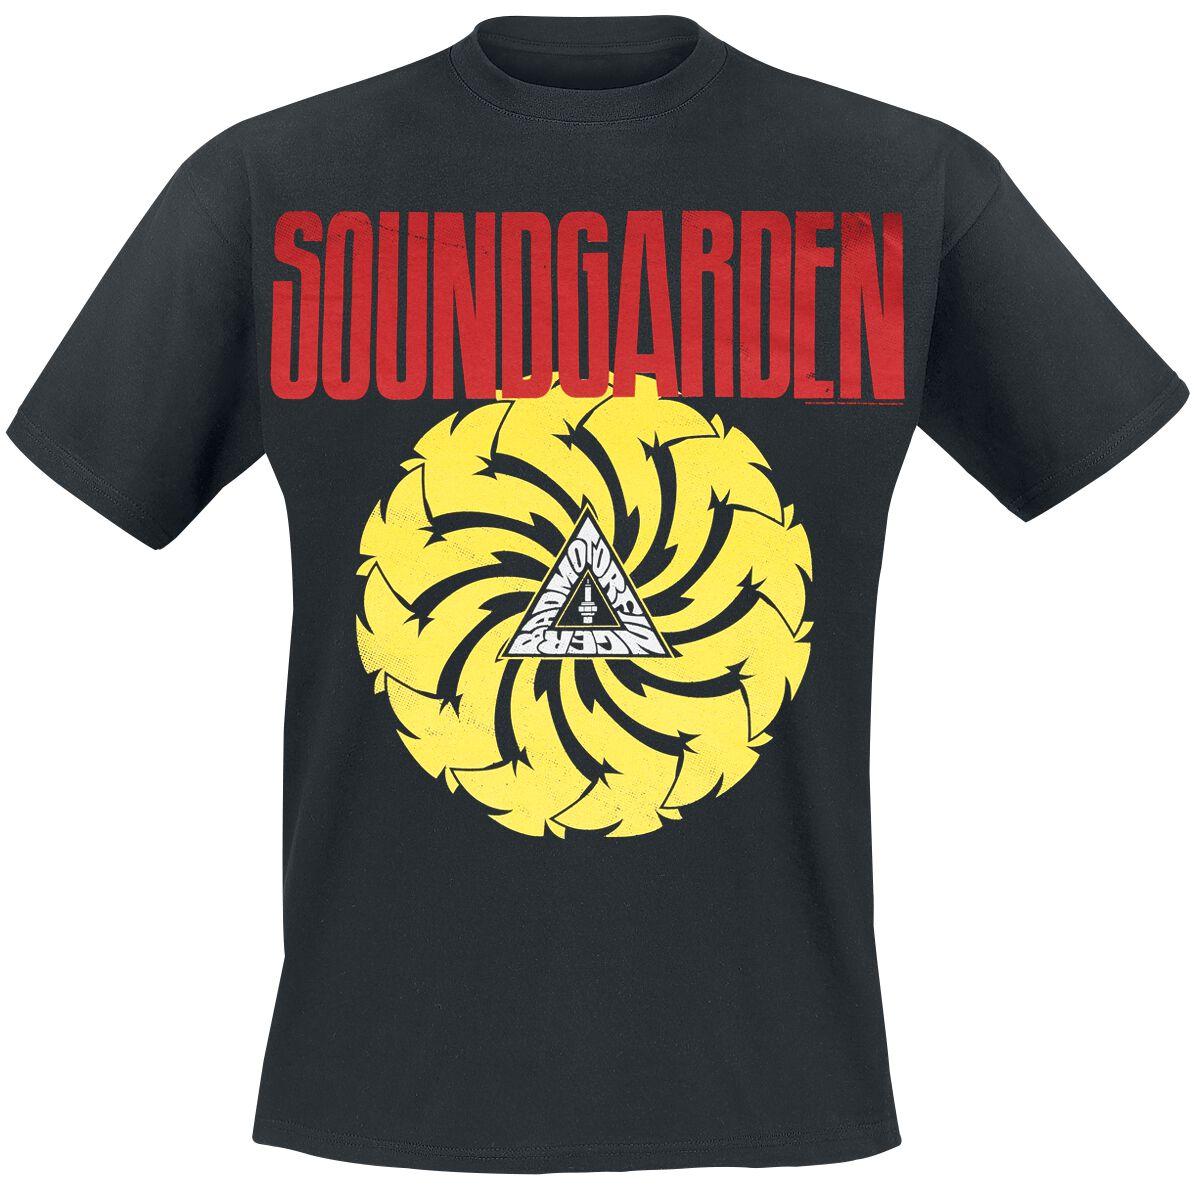 Zespoły - Koszulki - T-Shirt Soundgarden Badmotorfinger T-Shirt czarny - 356873